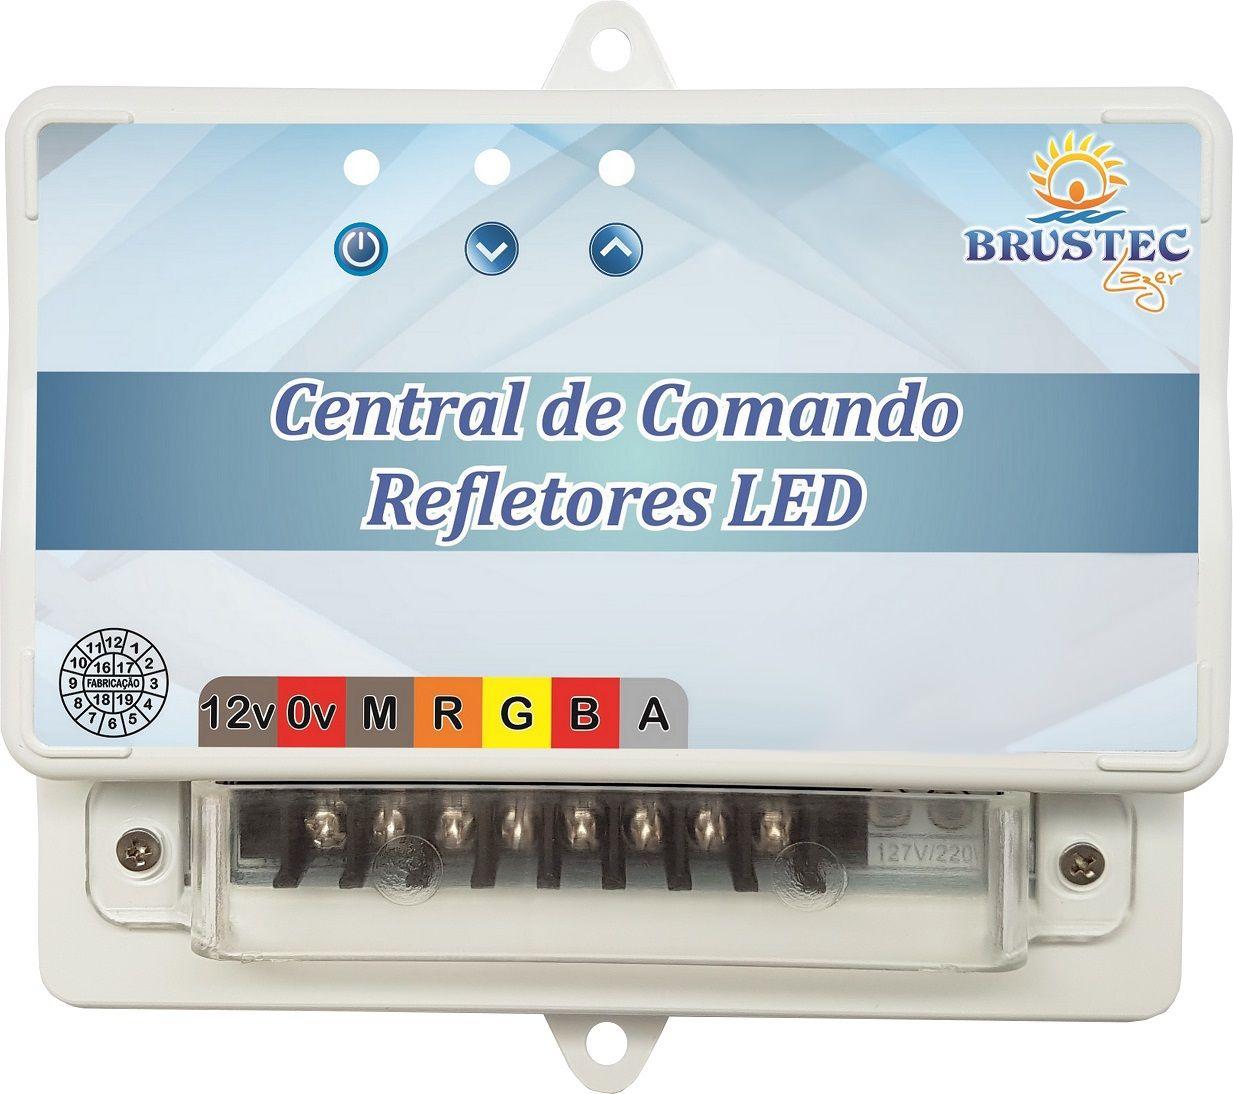 Central de Comando RGB Standard SMD Rítmica Brustec